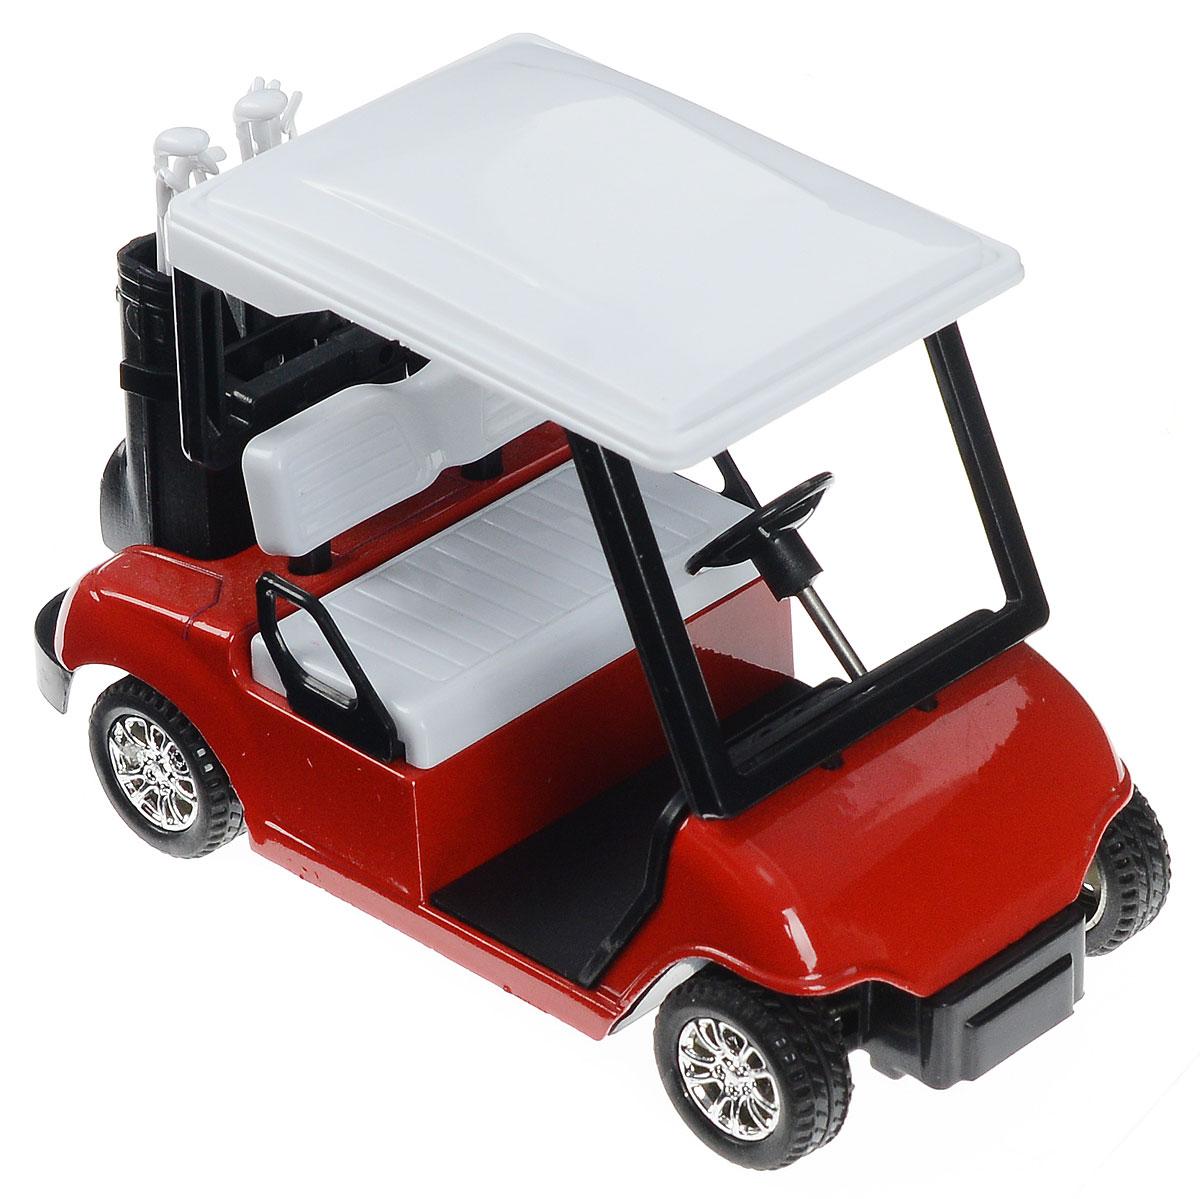 Технопарк Машинка инерционная Гольф-карт925943-RМашинка инерционная ТехноПарк Гольф-карт, выполненная из металла и безопасного пластика, станет любимой игрушкой вашего малыша. Машинка представляет собой уменьшенную копию настоящего автомобиля, который используют для передвижения по полю для гольфа. Механизм, встроенный в игрушечный автомобиль, позволяет ему ездить самостоятельно. Для активизации механизма необходимо просто откатить машинку назад, а потом отпустить. Ваш ребенок будет часами играть с этой машинкой, придумывая различные истории. Такая машинка порадует не только детей, но и взрослых коллекционеров, и займет достойное место в любой коллекции.